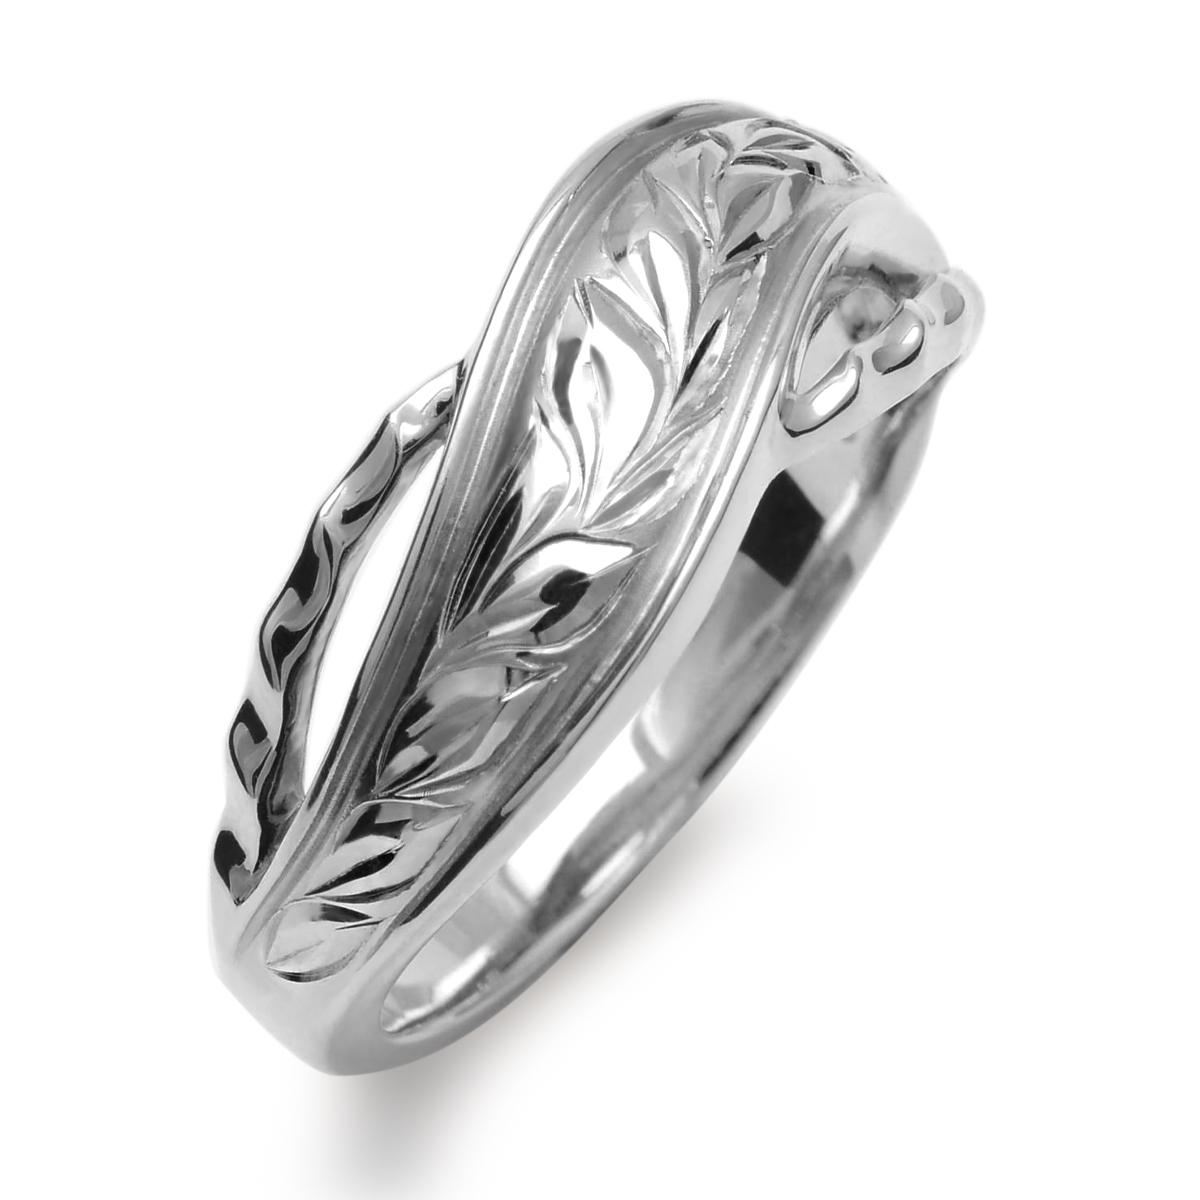 ハワイアンジュエリー リング 指輪 K18 ホワイトゴールド マイレウェーブリング 18金 k18 ゴールド ホワイトゴールド ari1457k18w/新作